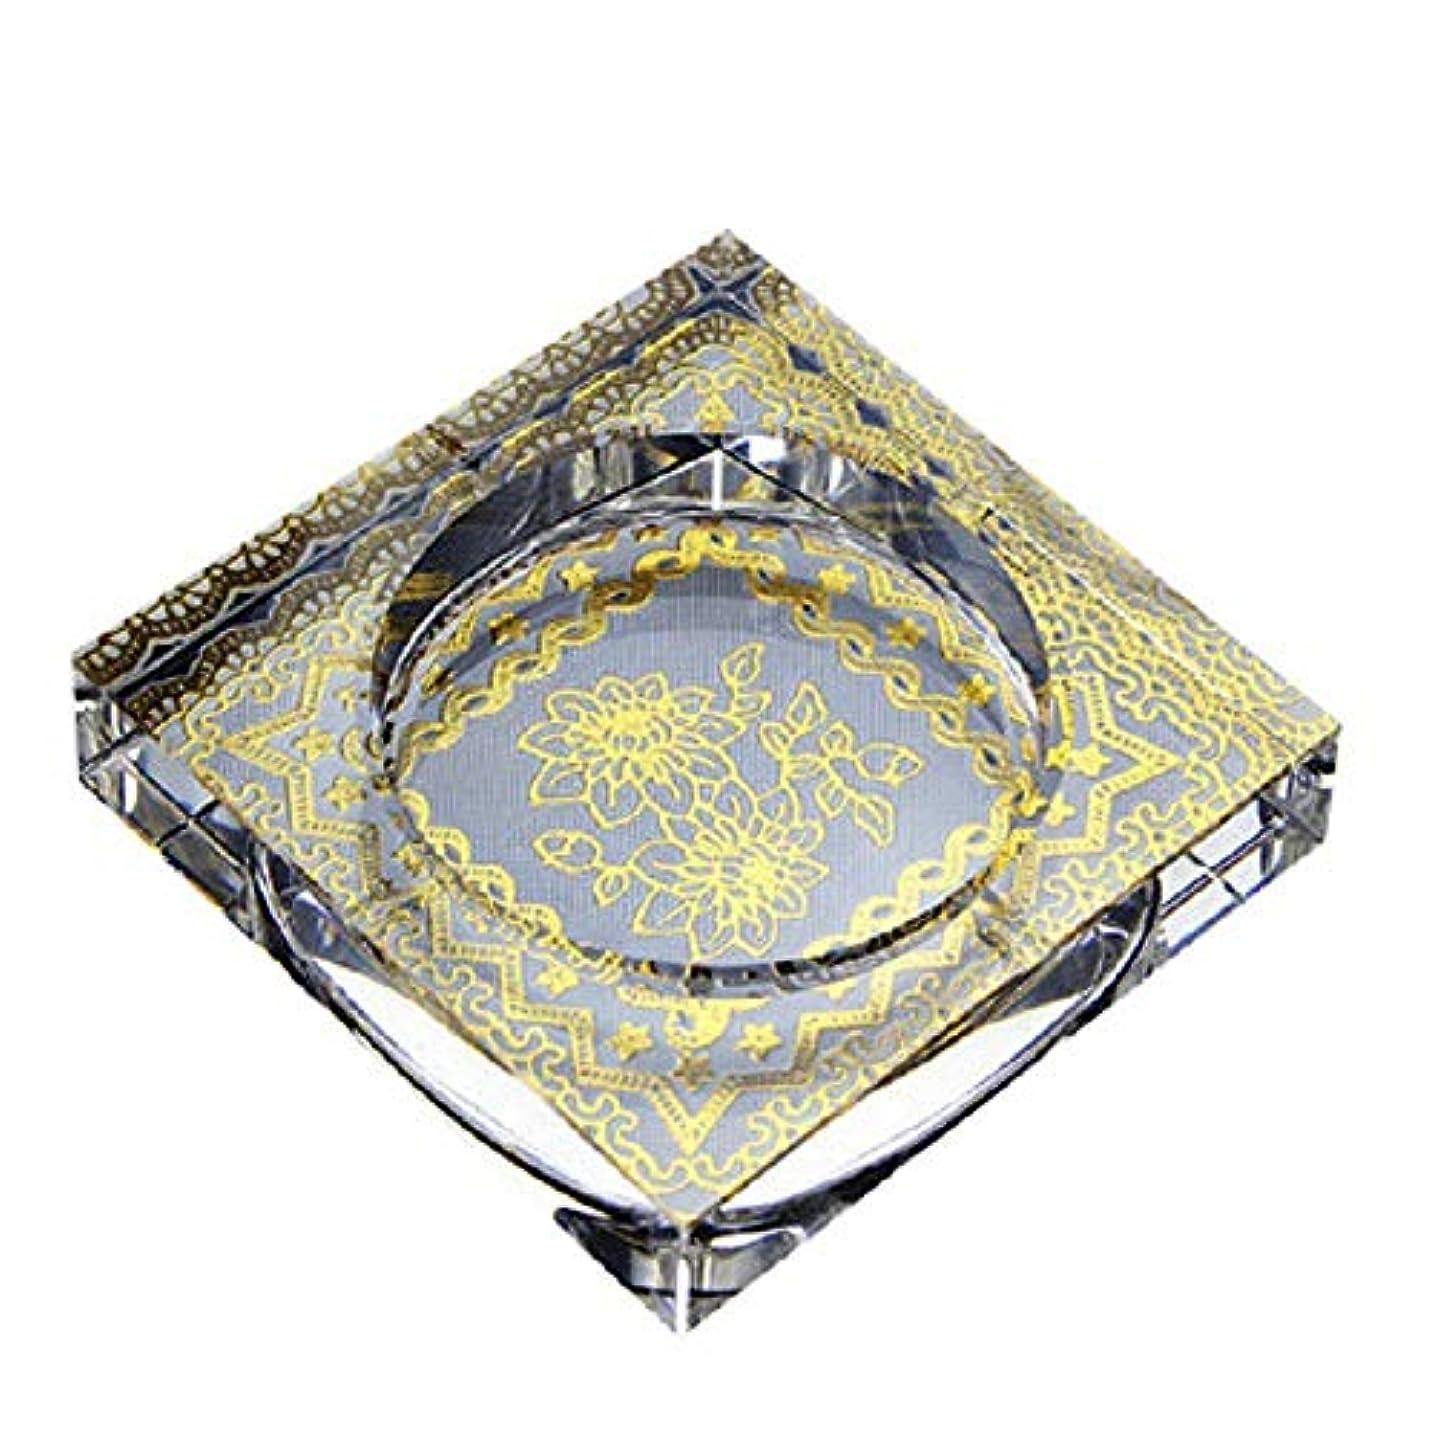 戦術メダリスト彼女タバコ、ギフトおよび総本店の装飾のための灰皿の円形の光沢のある水晶灰皿